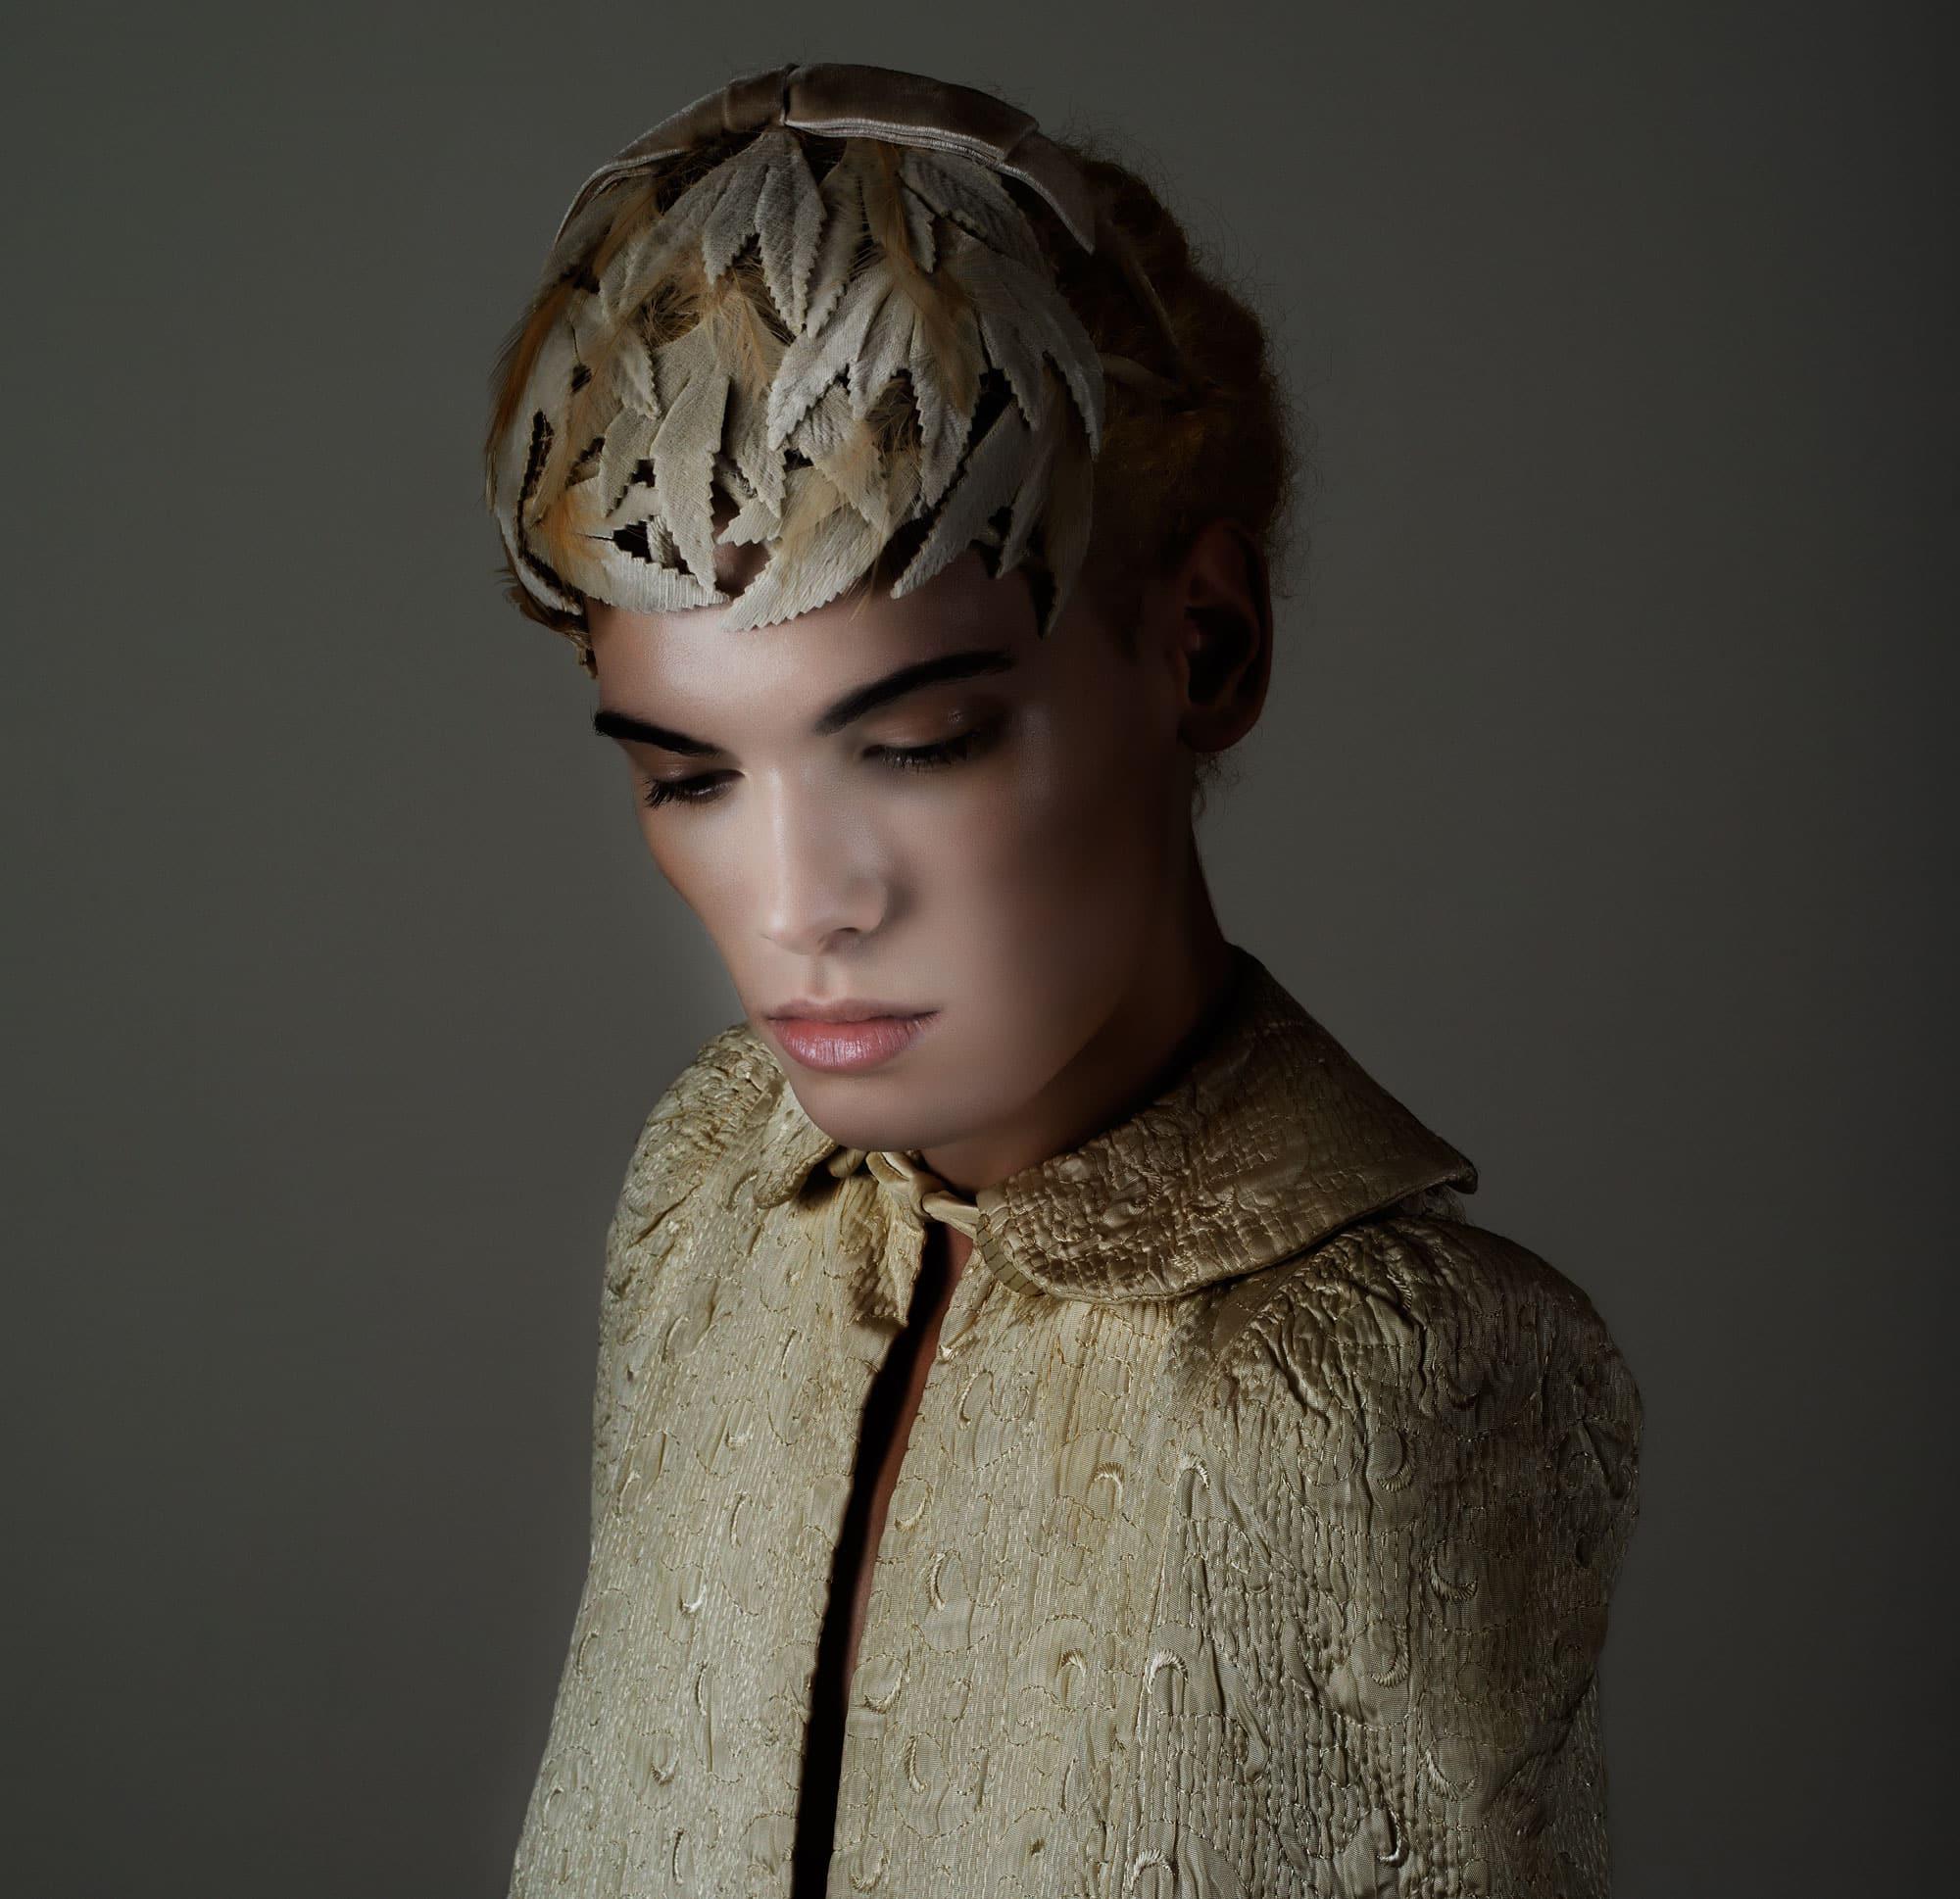 Prince-Dark_41.5x40